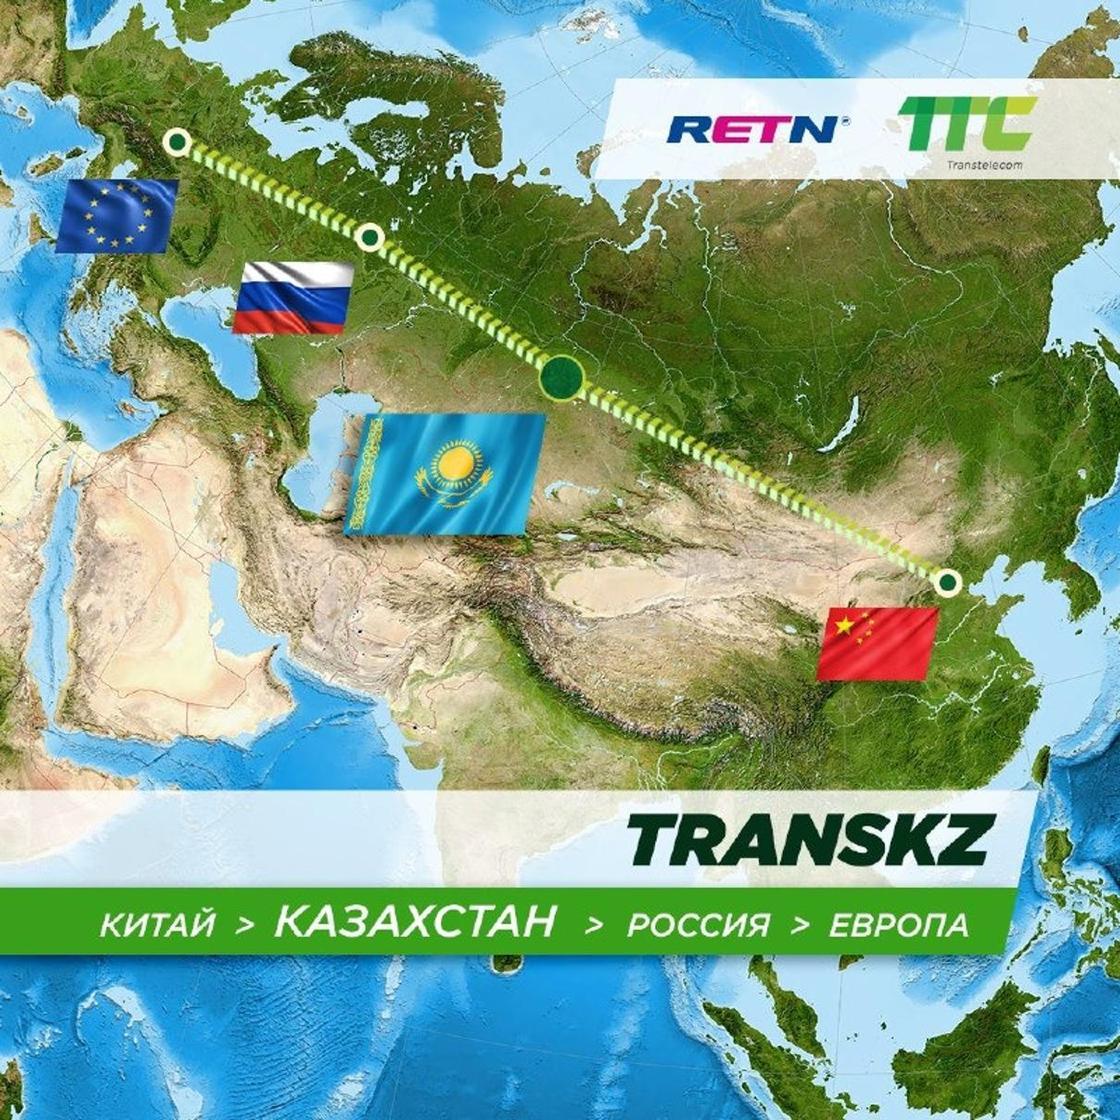 «Транстелеком» запустил новый транзитный коридор от Китая в Россию и Европу